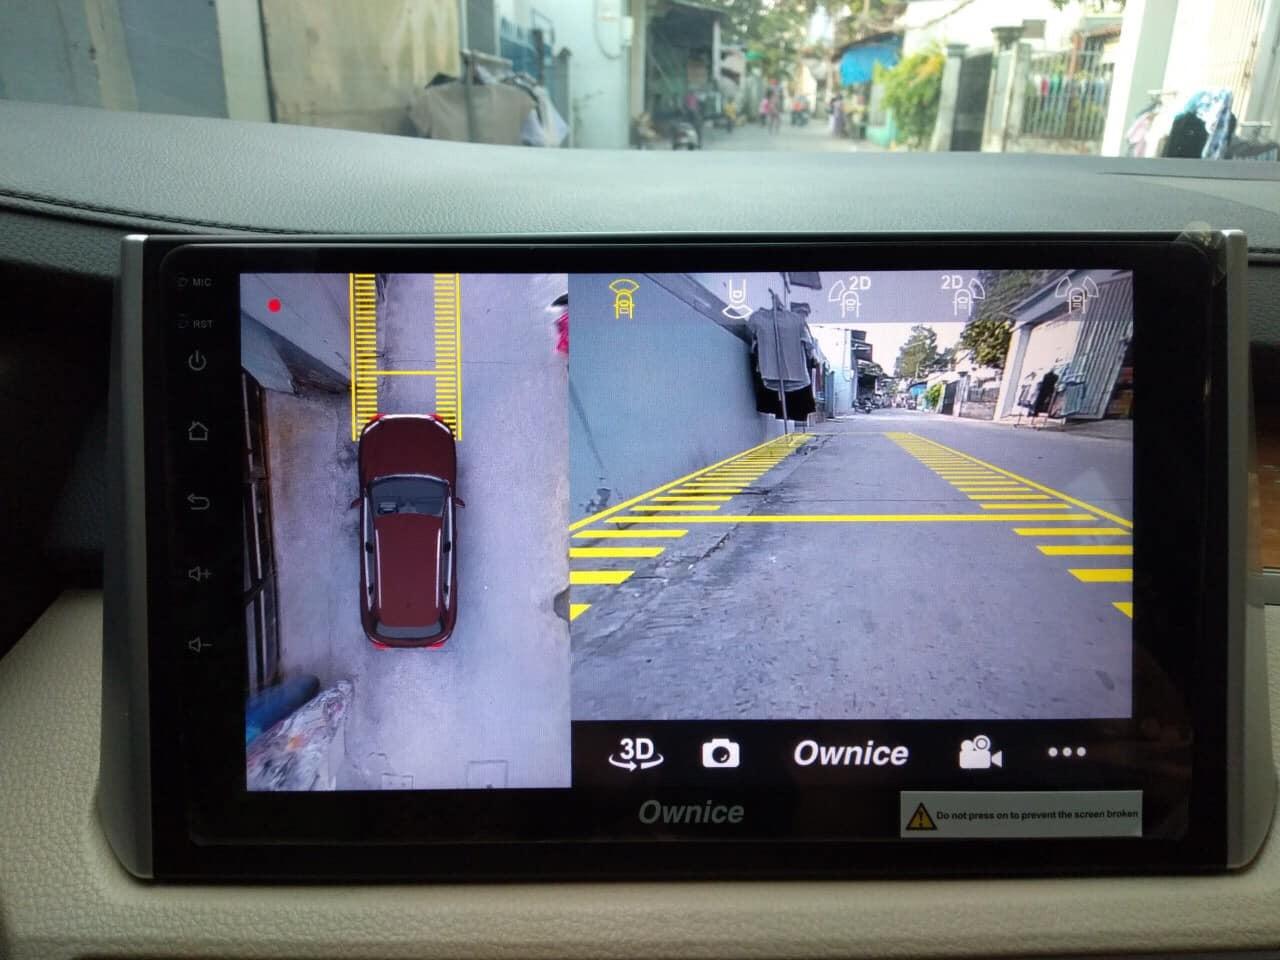 Lắp Đặt Màn Hình DVD Android Kiêm Camera 360 3D Cho Xpander